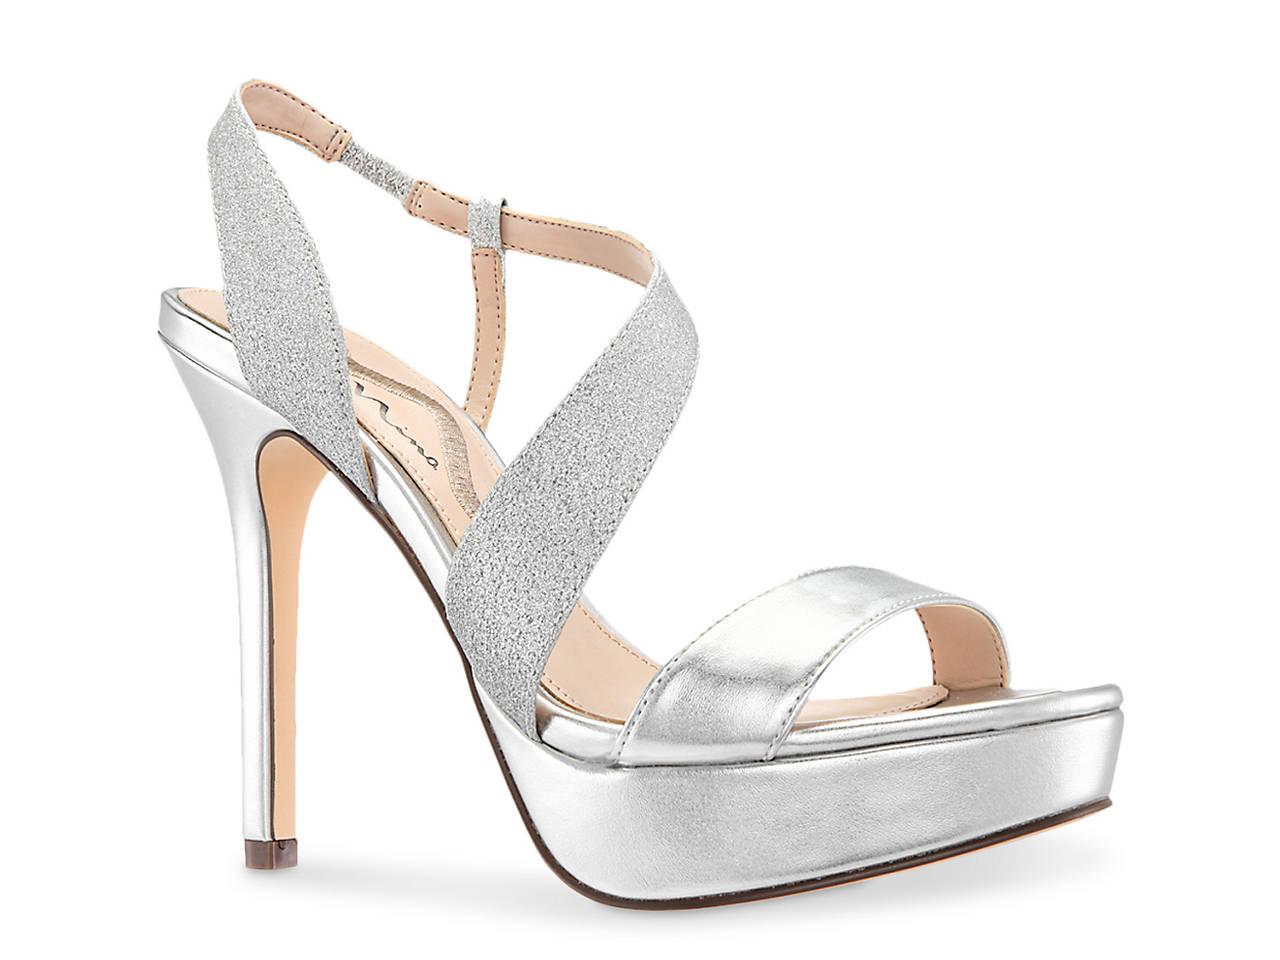 c465b9654b78 Nina Sakari Platform Sandal Women s Shoes